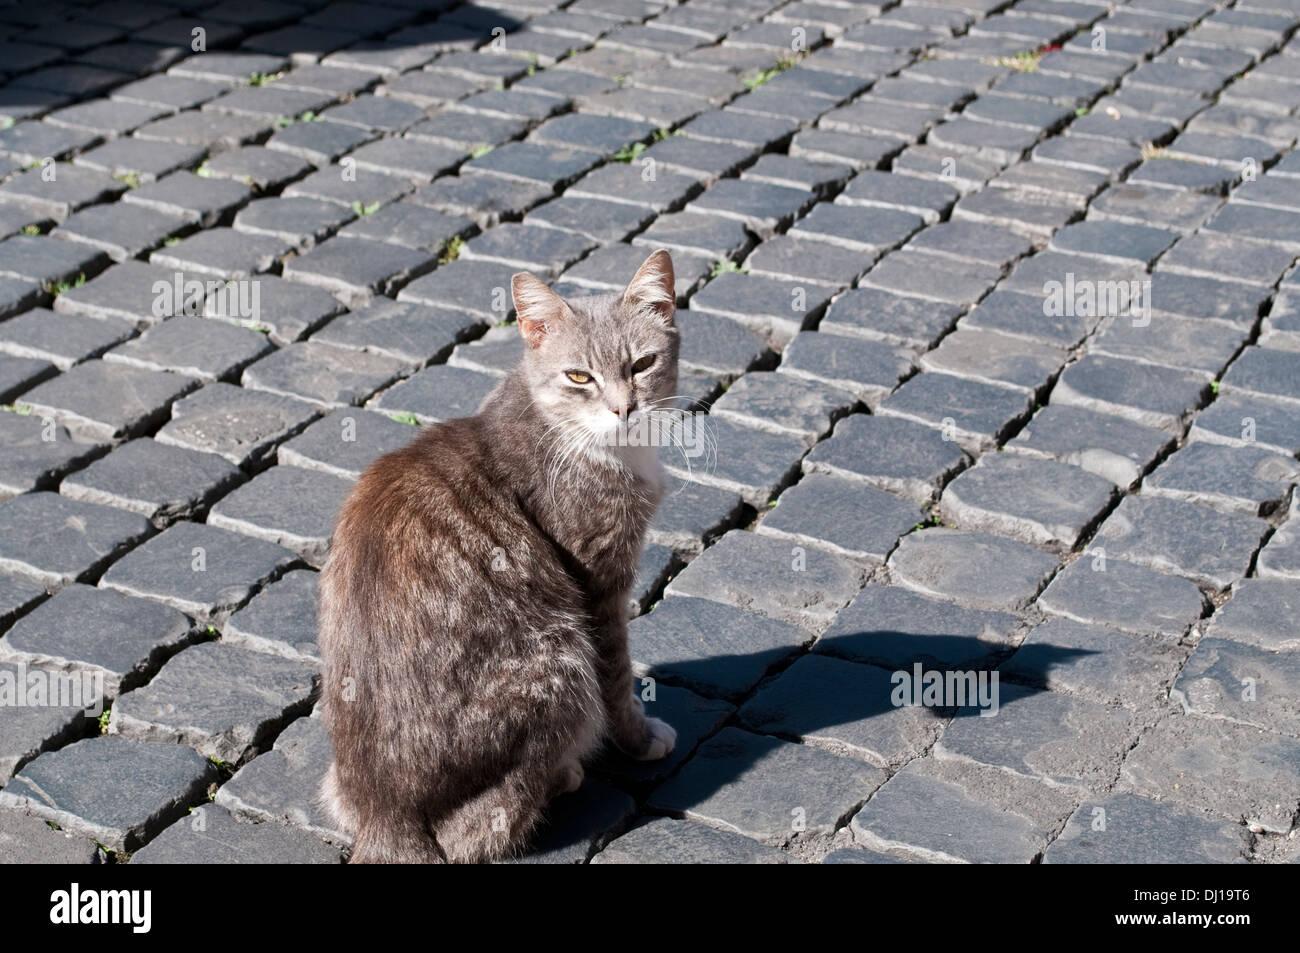 Cat from cat sanctuary at Largo di Torre Argentina, Campus Martius, Rome, Italy - Stock Image